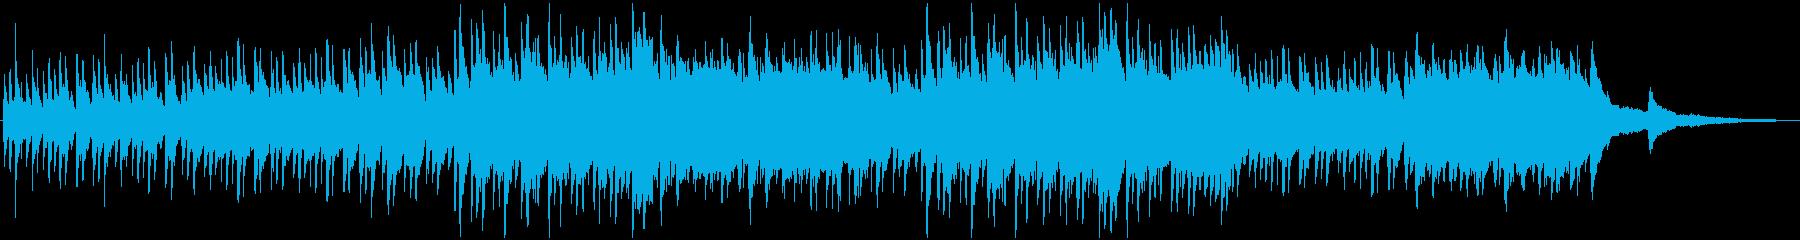 小雨が降っている感じのピアノBGMの再生済みの波形